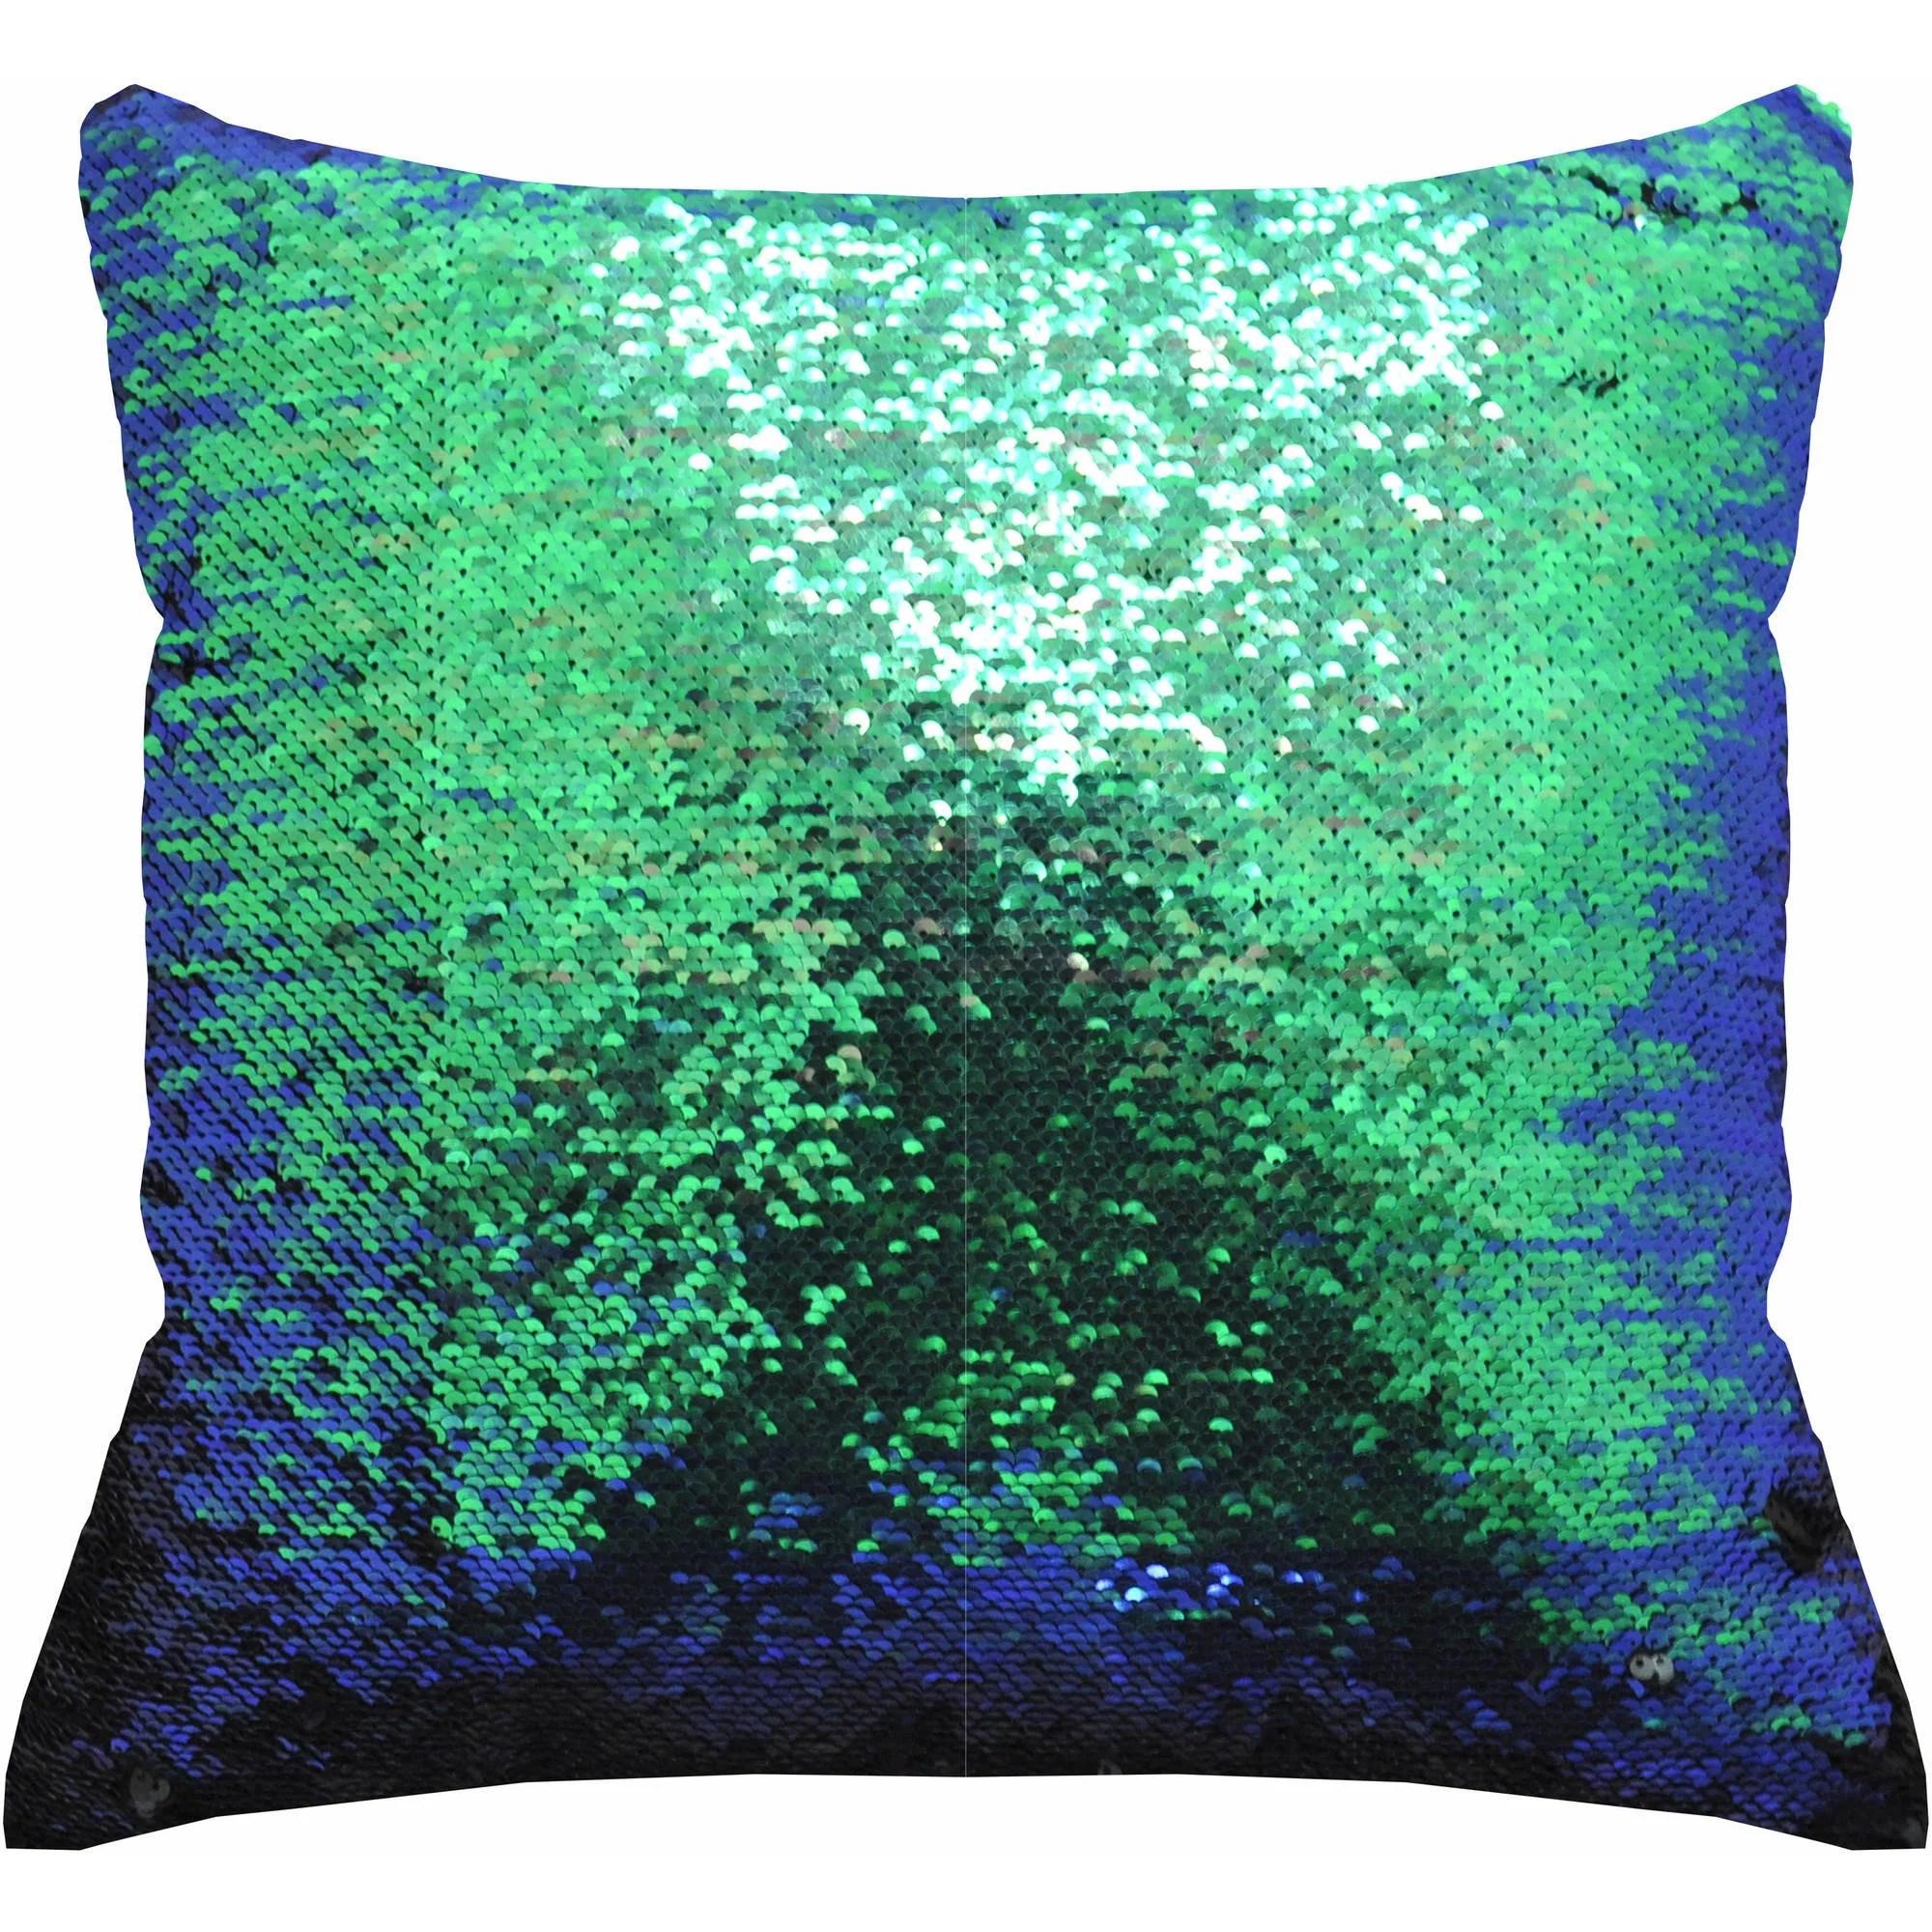 mainstays reversible 17 x 17 sequin sparkle pillow